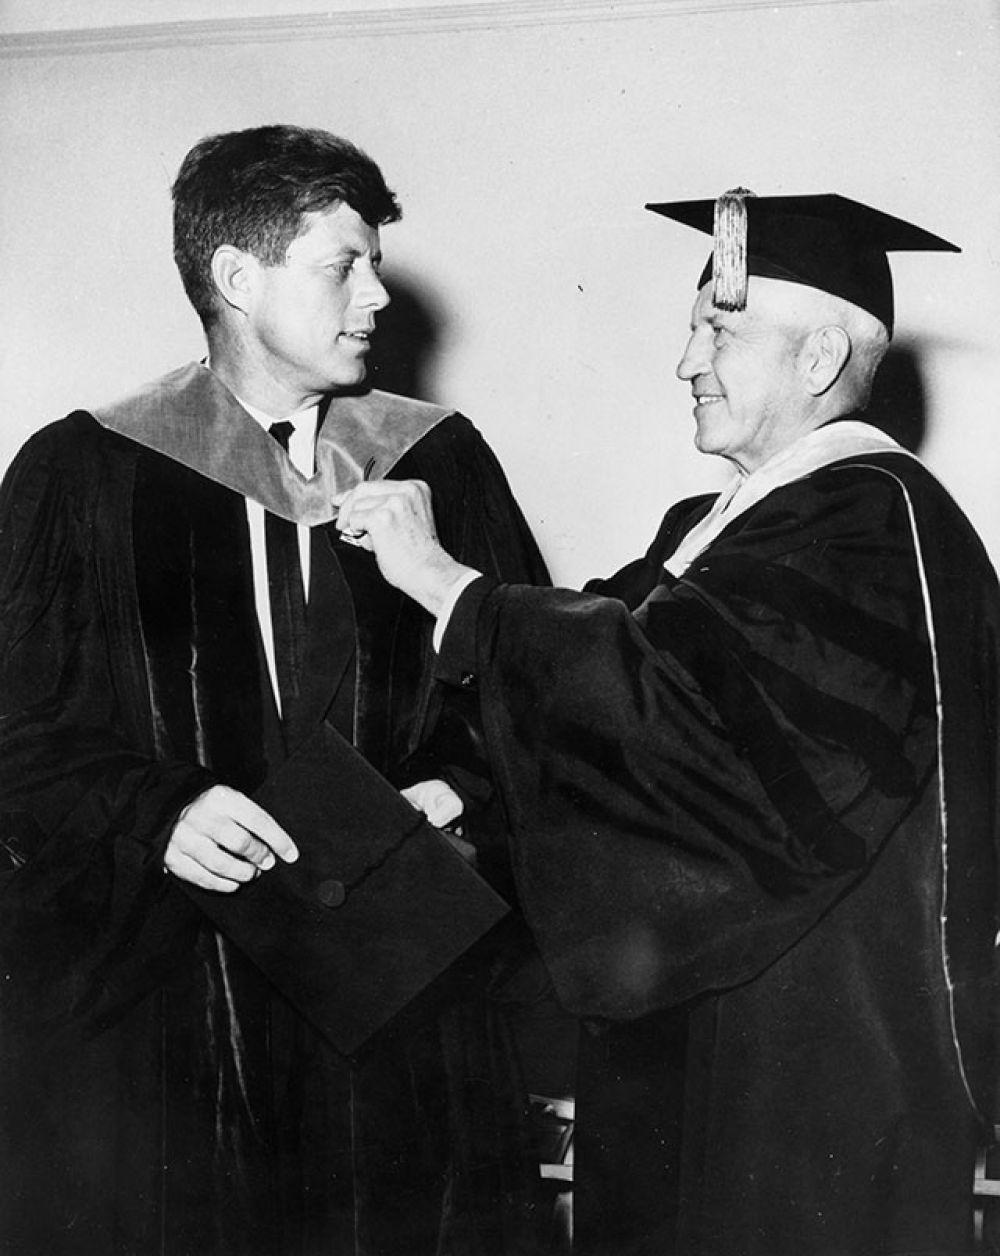 После средней школы Джон Кеннеди поступил в Гарвард, который с успехом окончил в 1940 году.